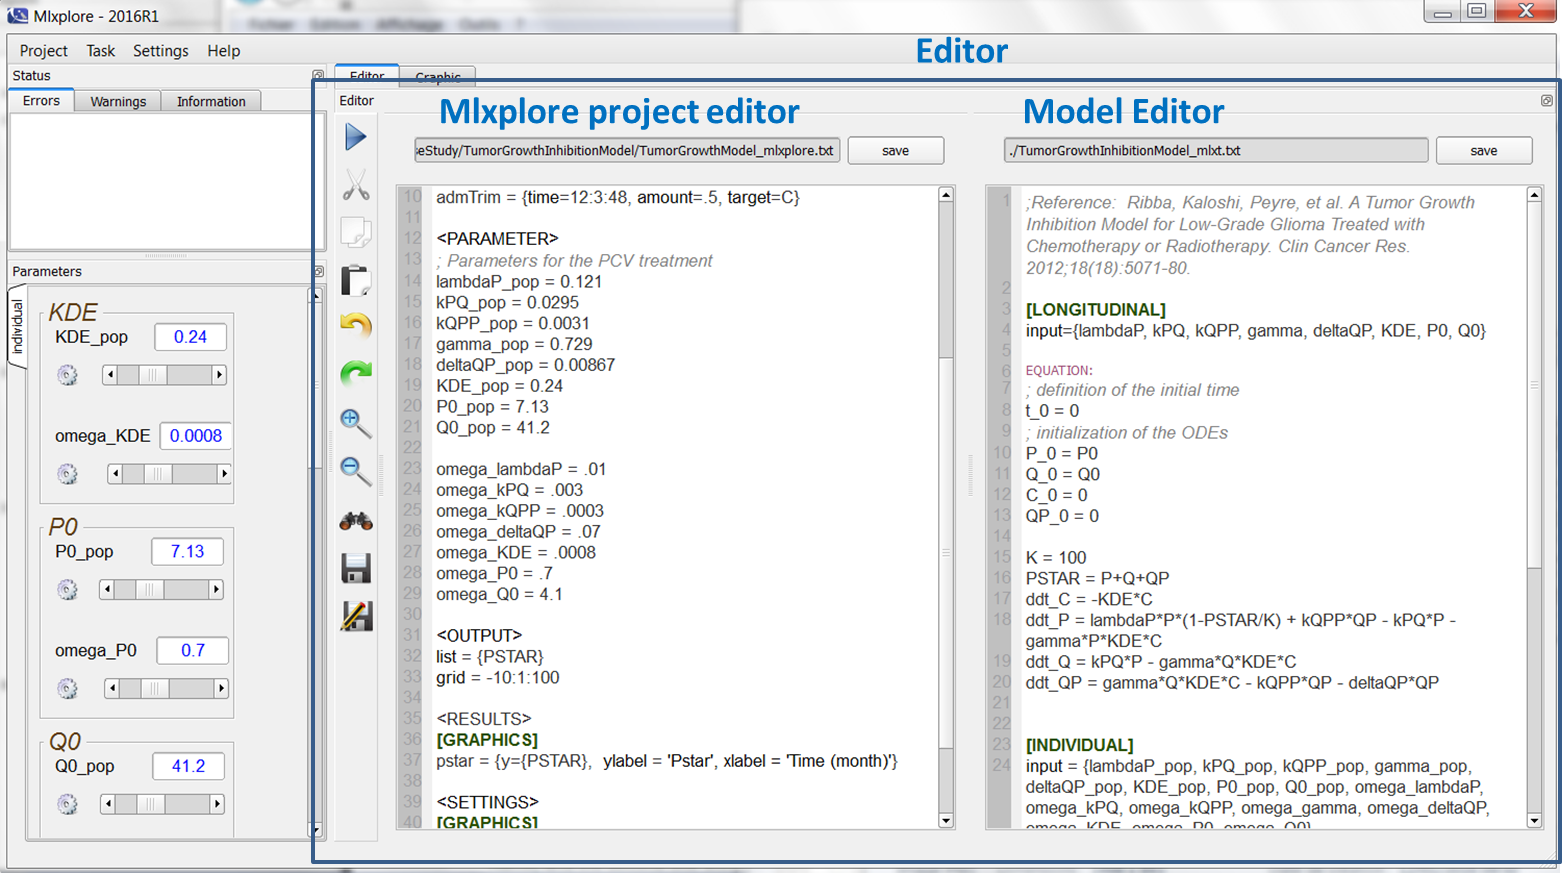 Mlxplore_global_editor